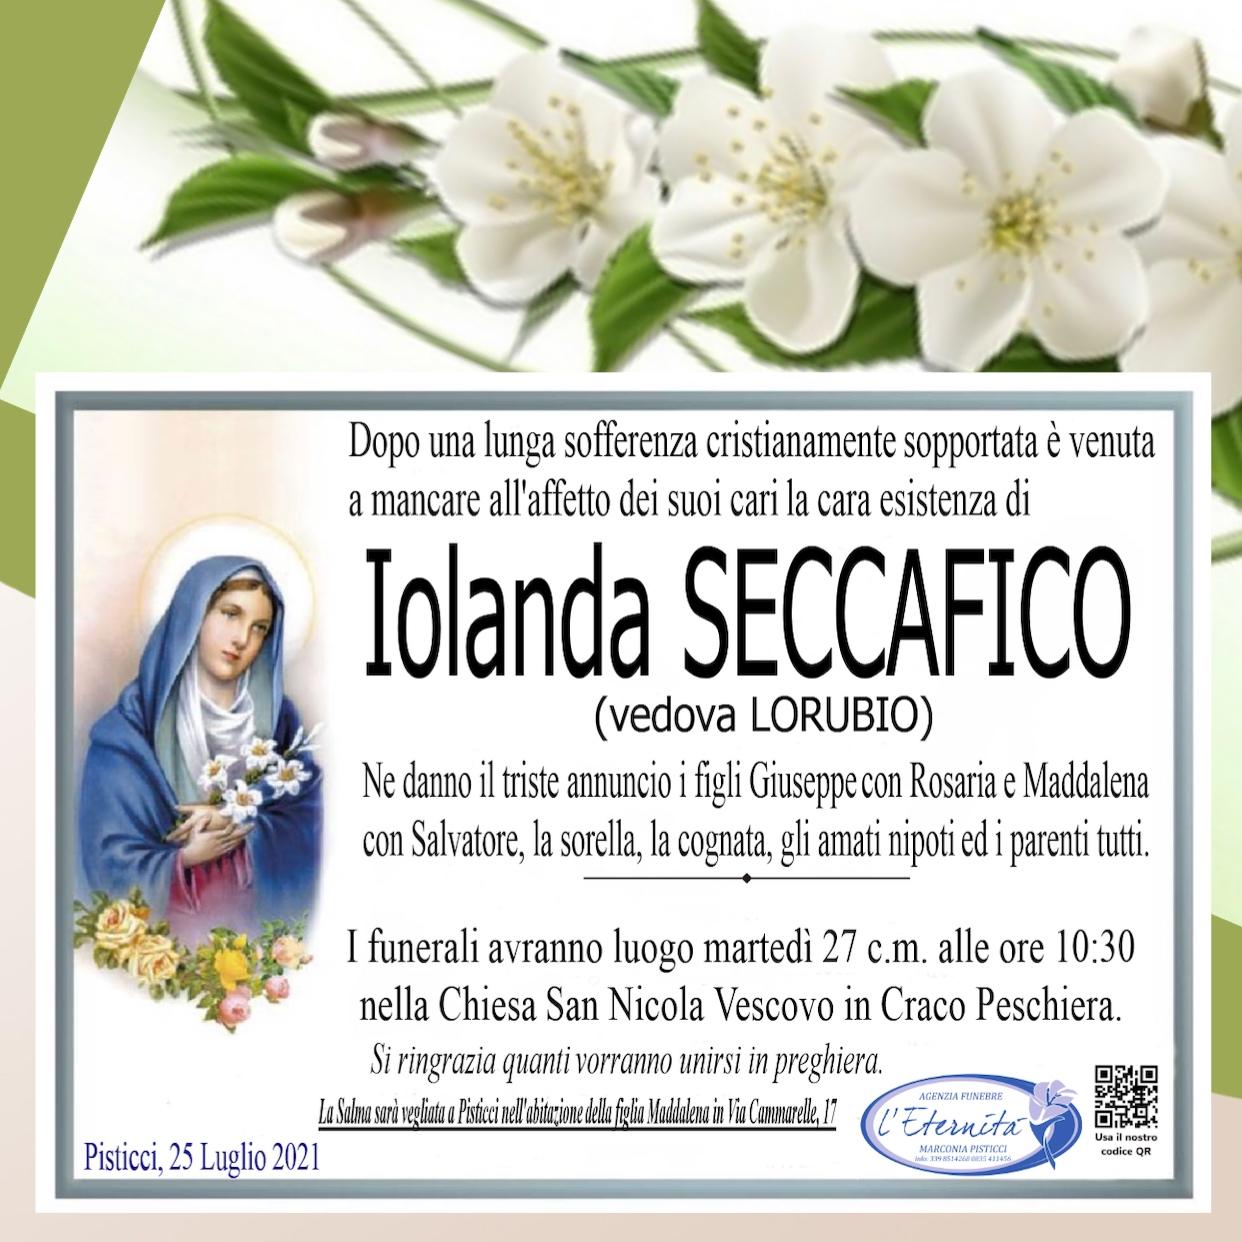 Iolanda SECCAFICO